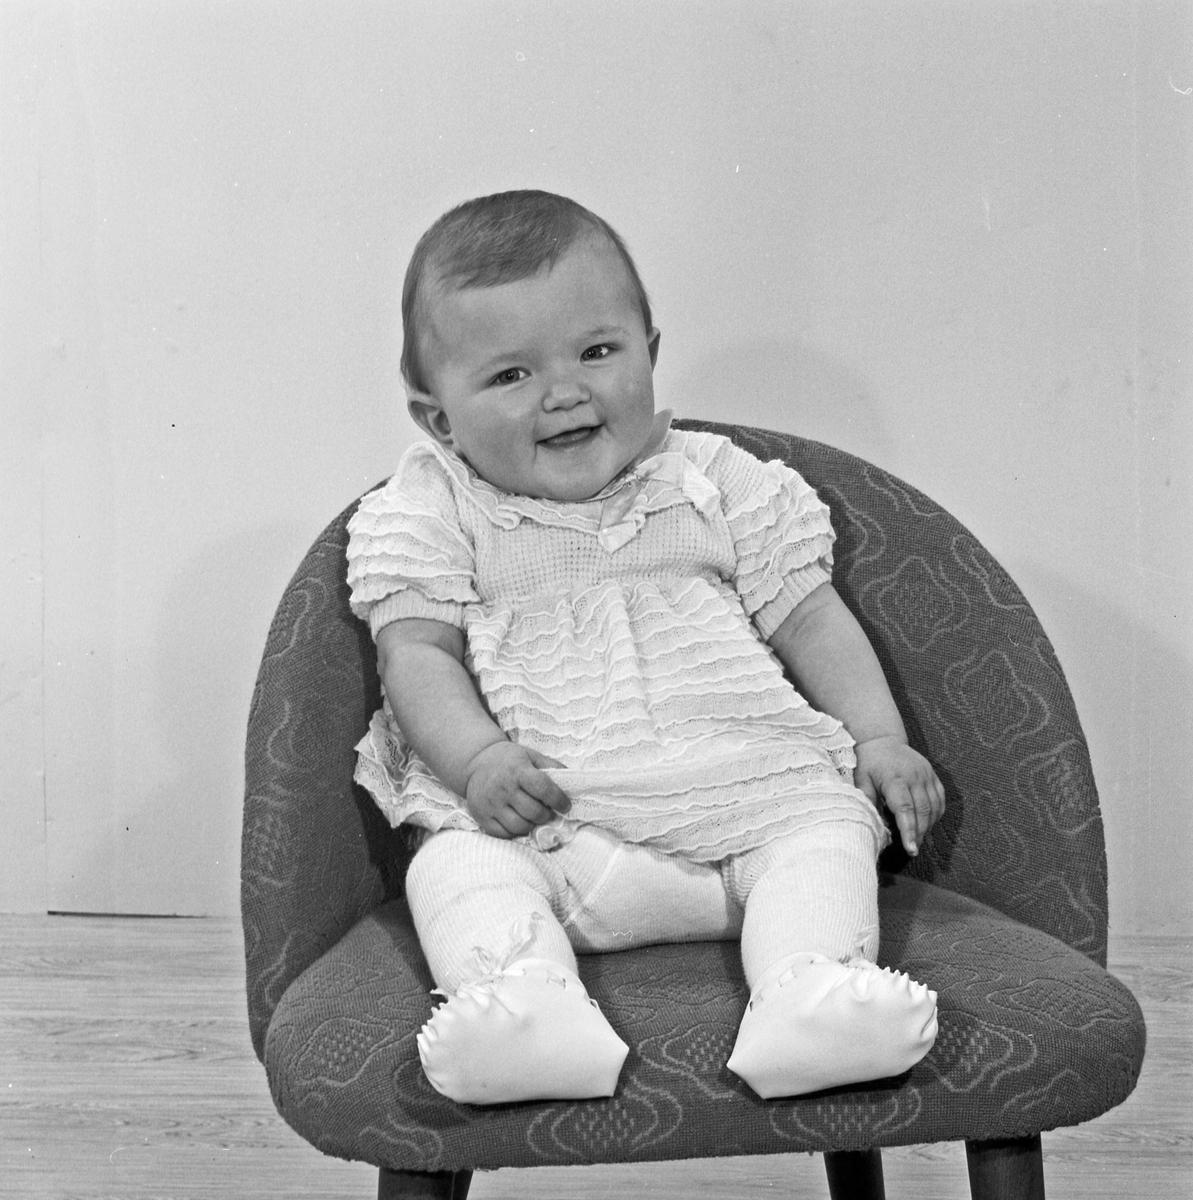 Portrett av et lite barn - bestiller Reidar Odland